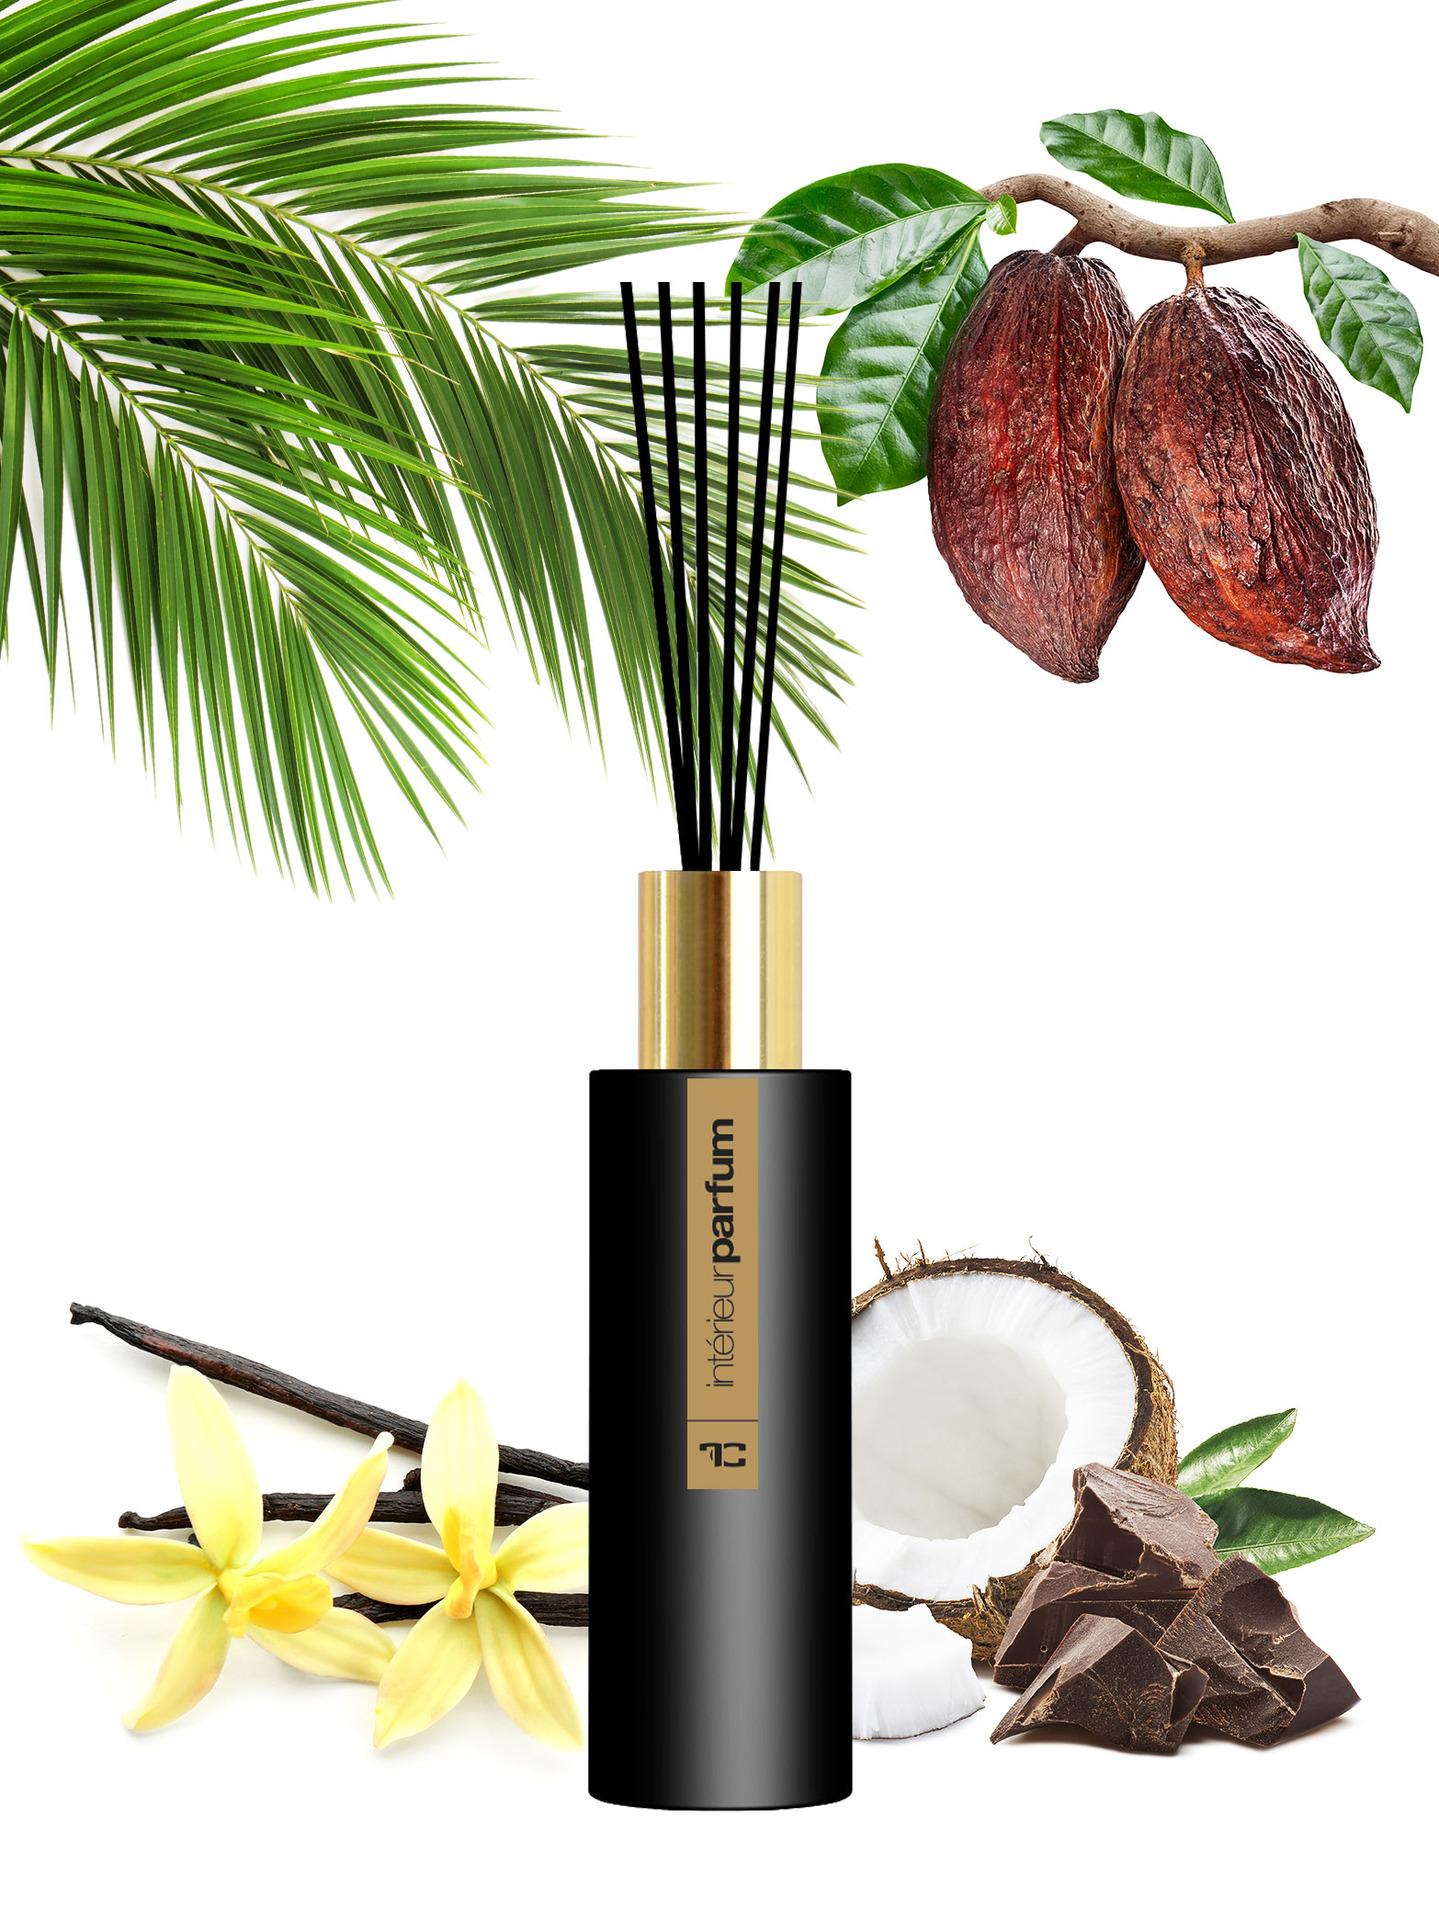 Interiérový parfém, COCO DREAM, vonný roztok s vysokým obsahem parfémové kompozice